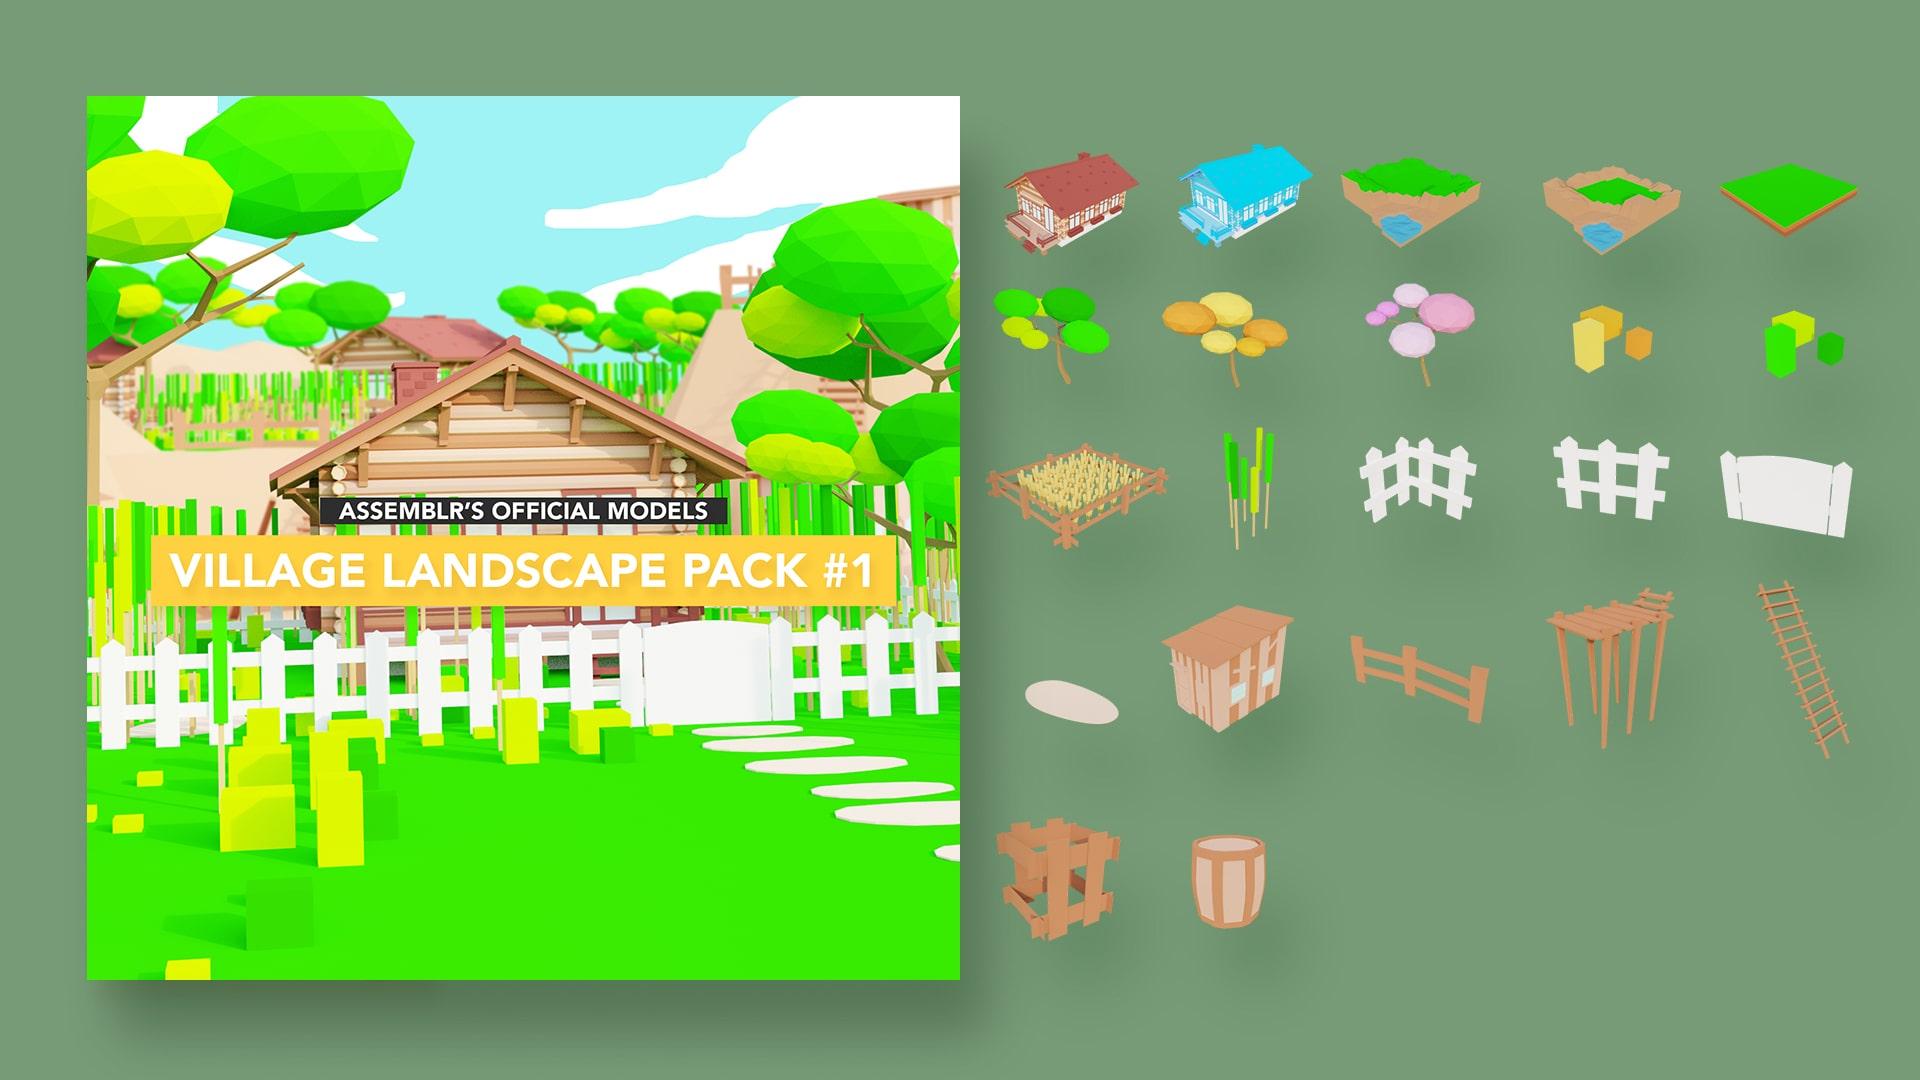 Village landscape pack #1